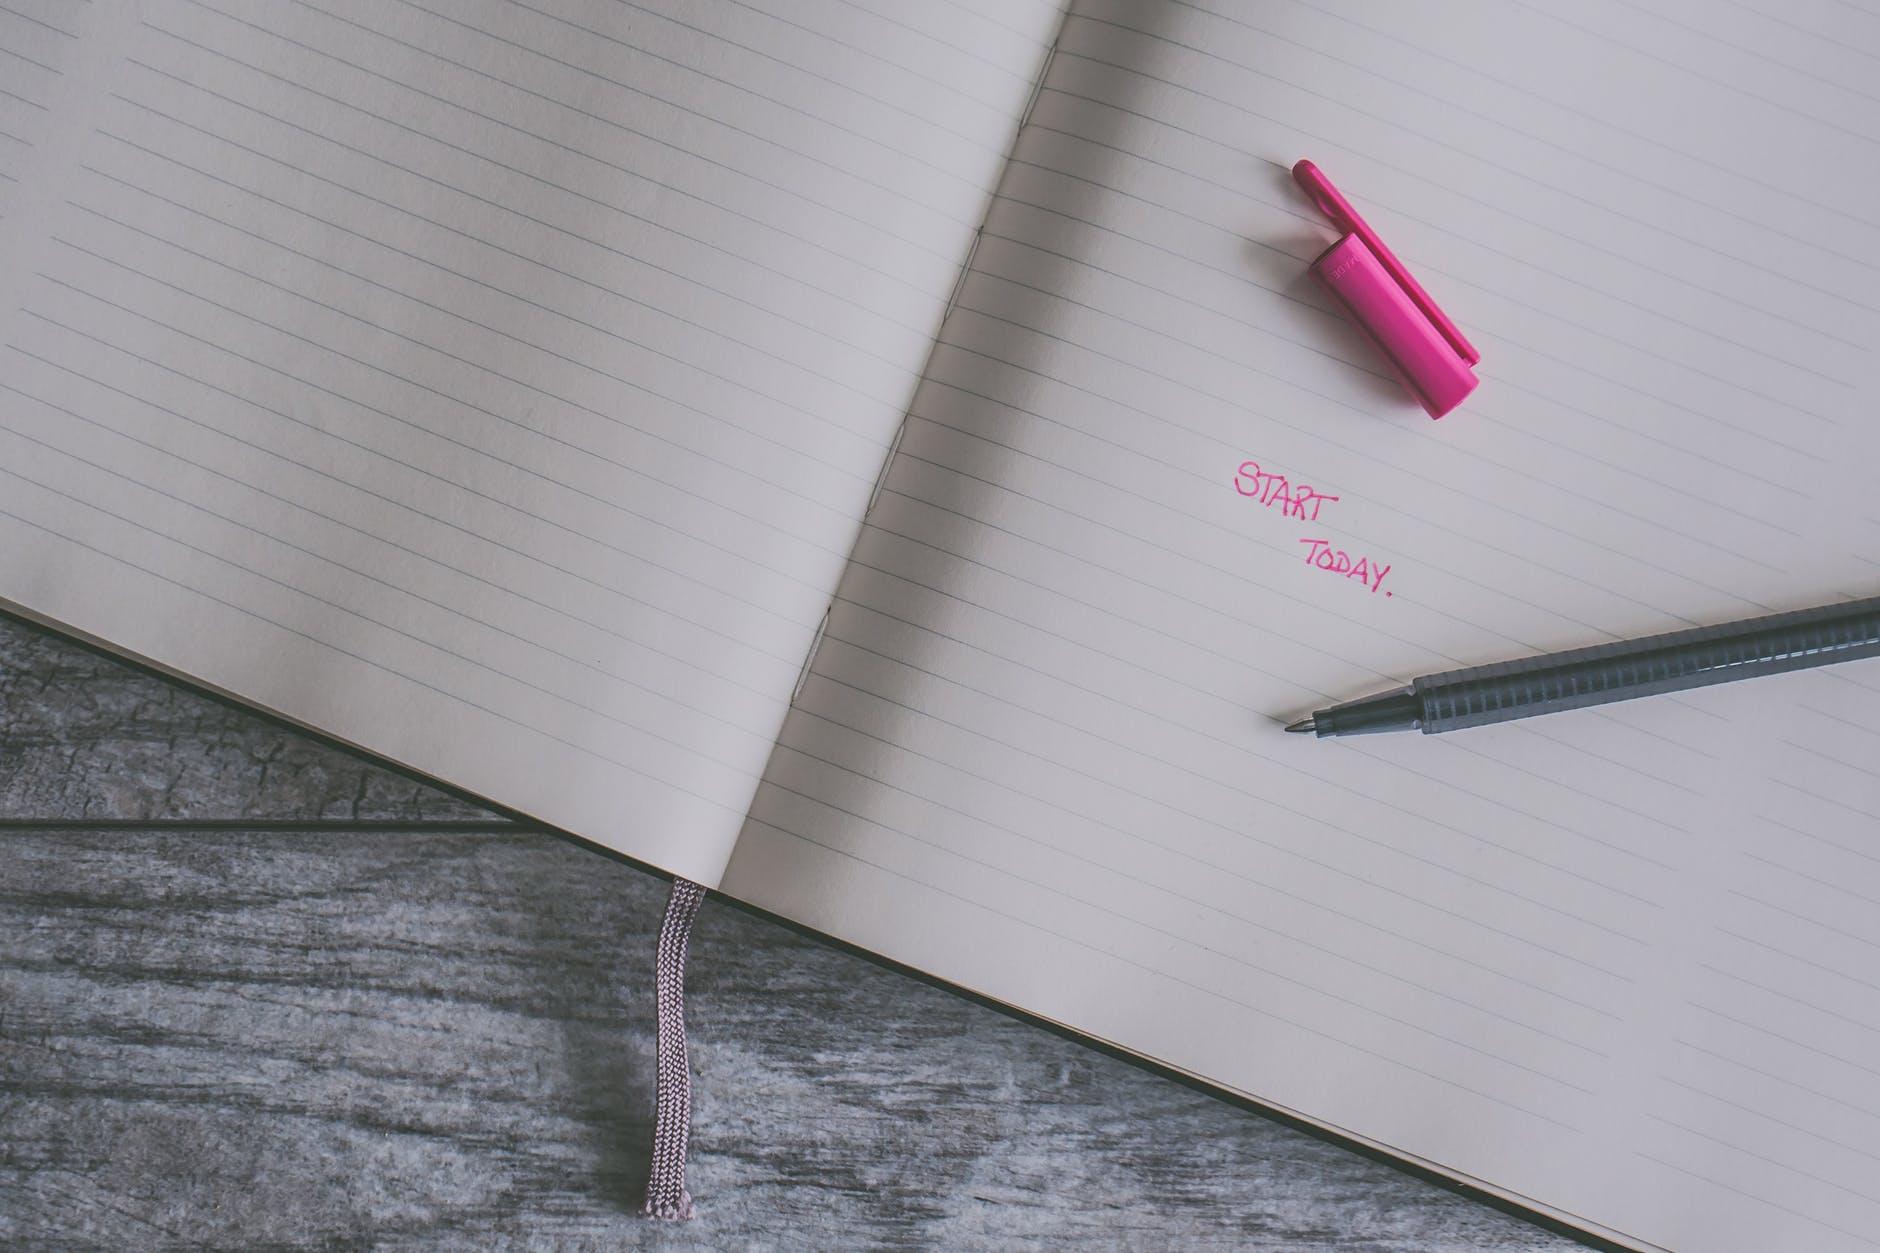 10 Alat Tulis Yang Membuat Catatanmu Semakin Keren Dan Aesthetic